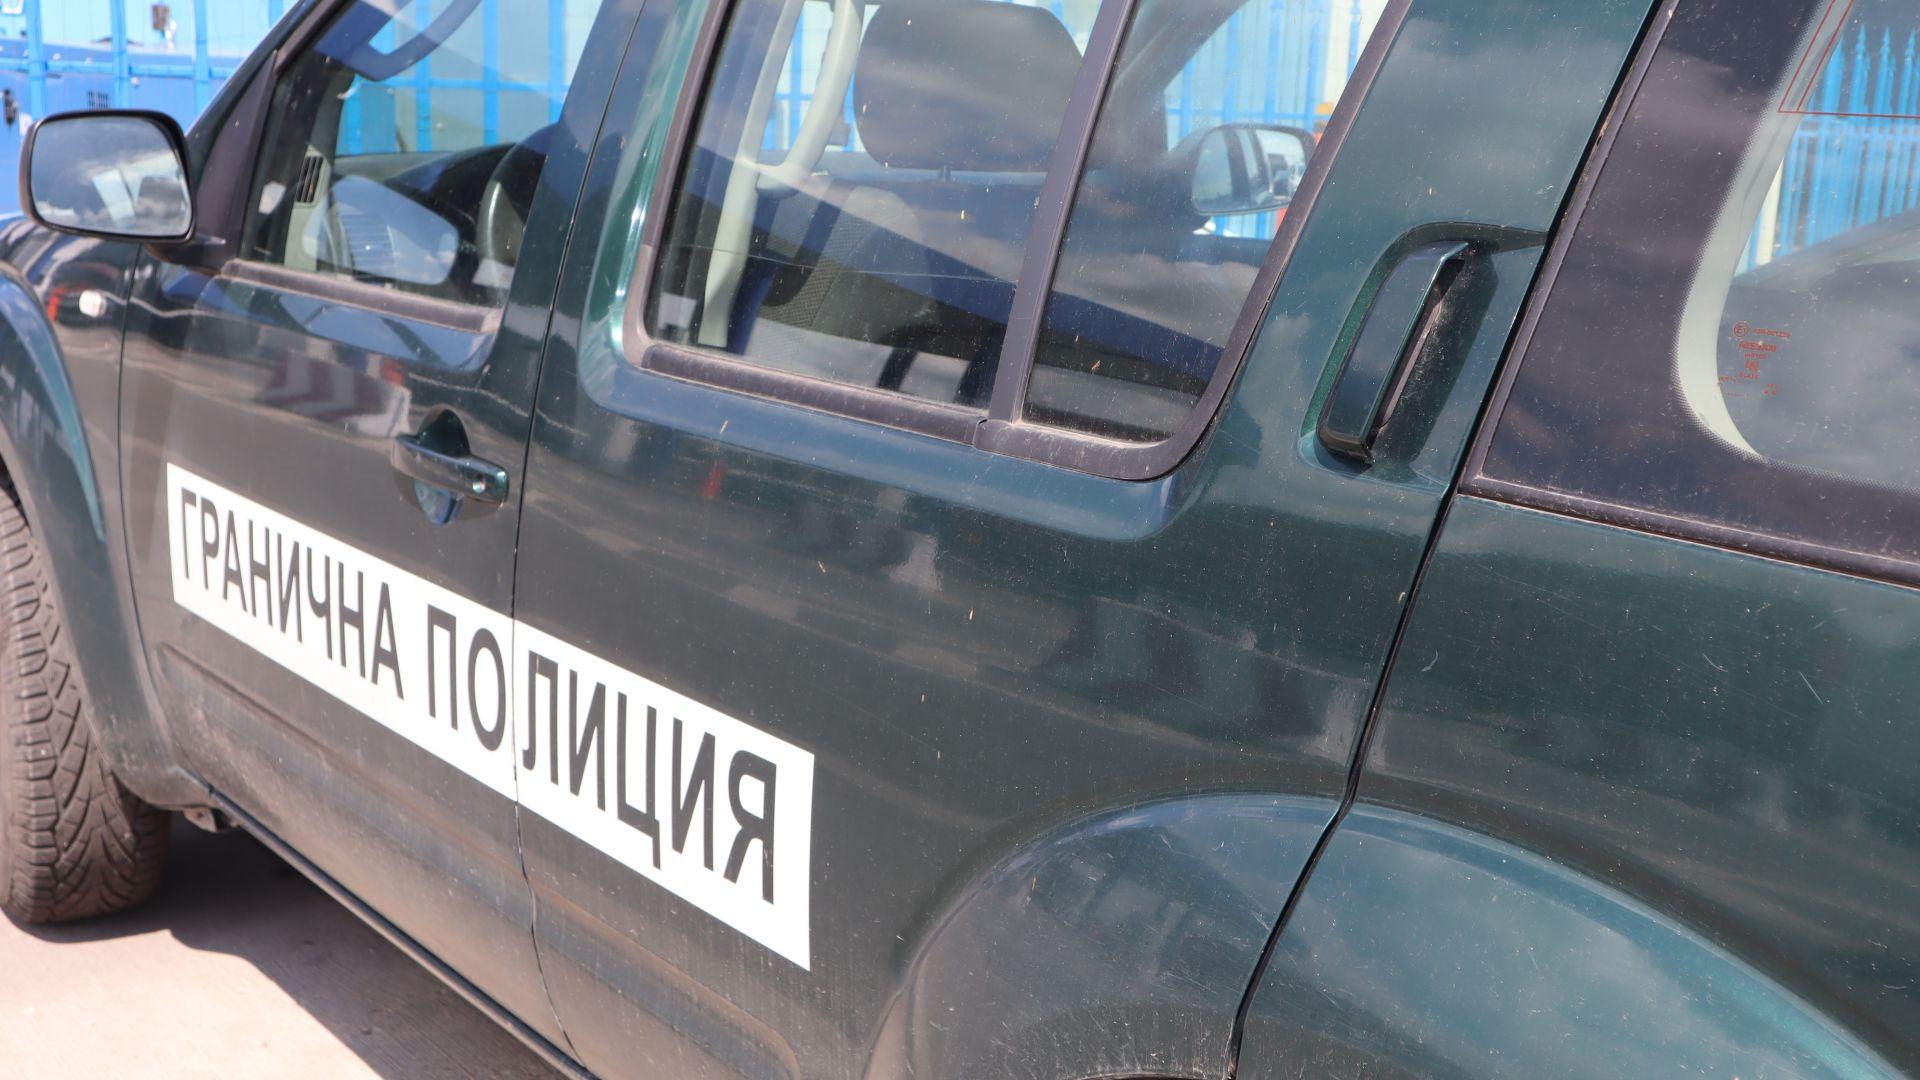 """Шофьор на """"Гранична полиция"""" отне предимство и удари кола край ГКПП """"Кулата"""""""